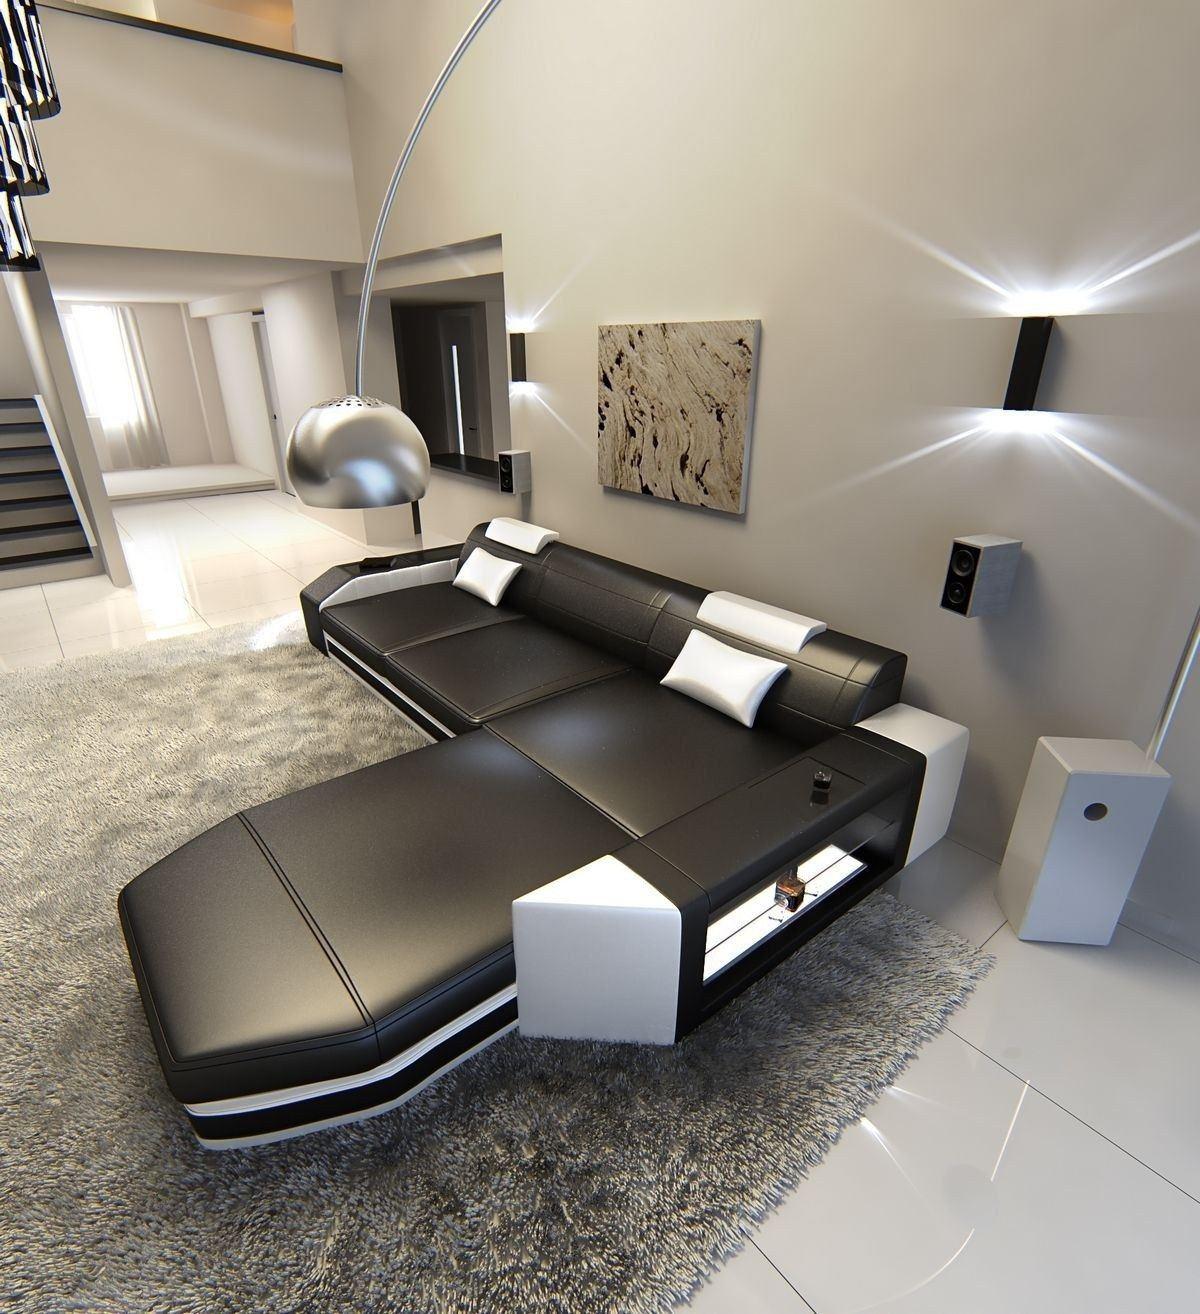 ledersofa prato l form schwarz weiss. Black Bedroom Furniture Sets. Home Design Ideas